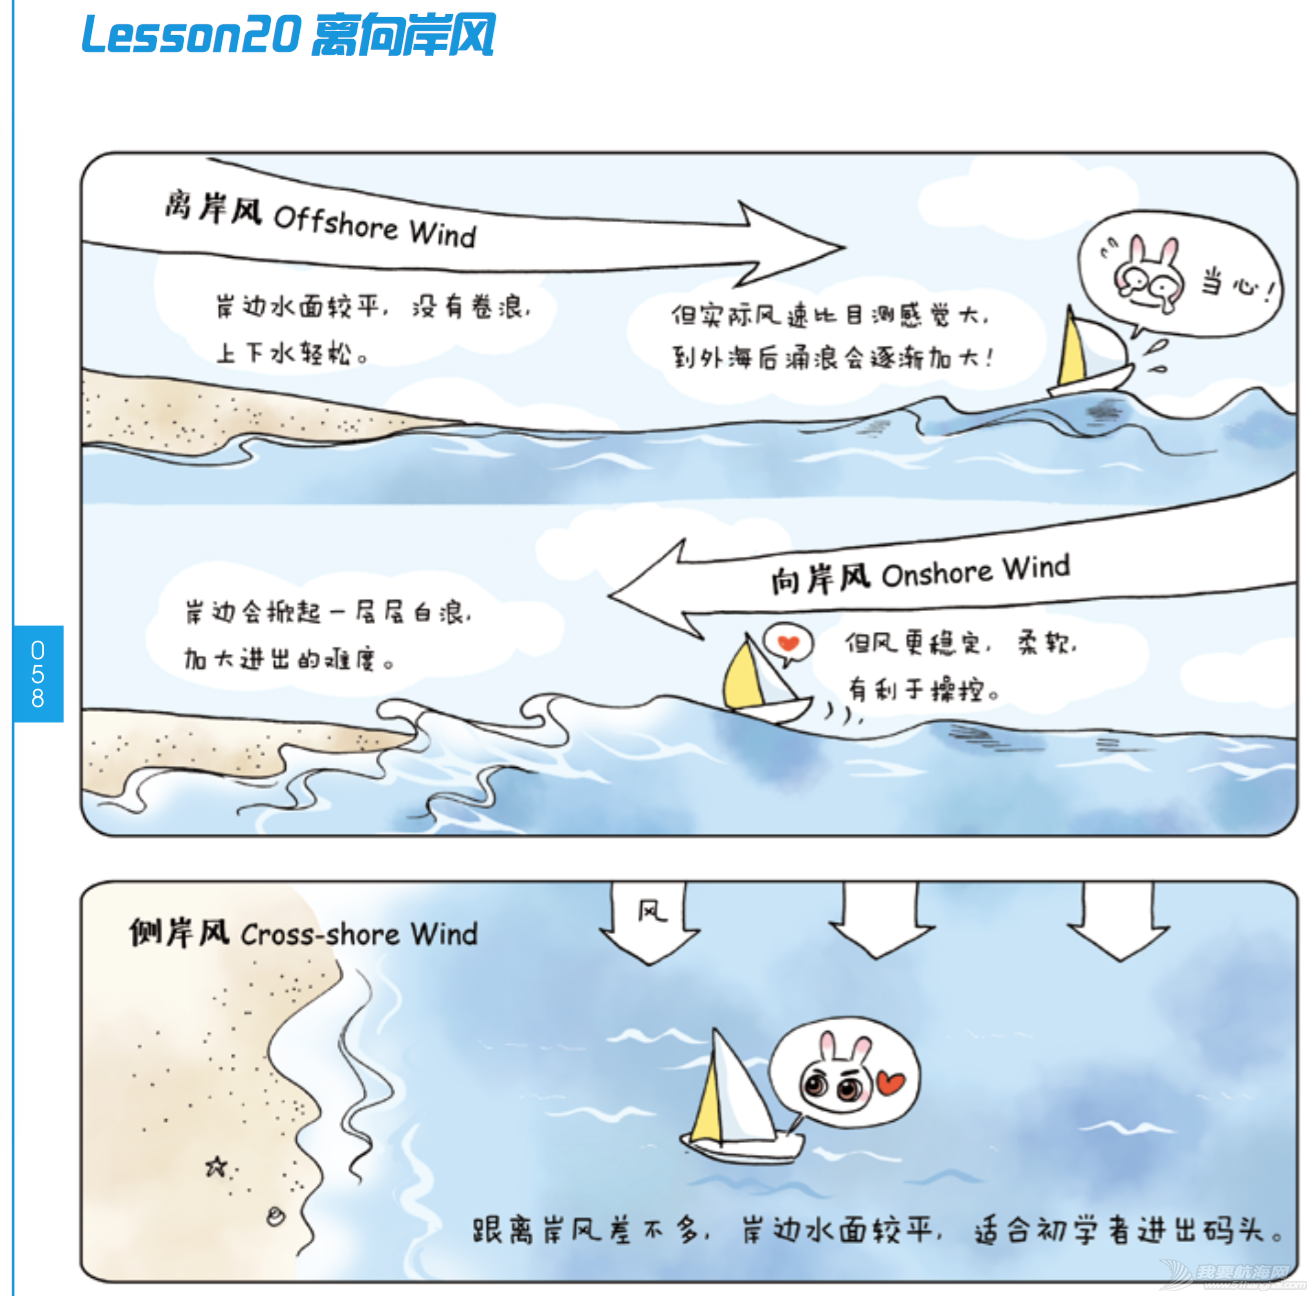 连载,奥运冠军,帆船 《跟奥运冠军学帆船》Lesson 20 离向岸风 屏幕快照